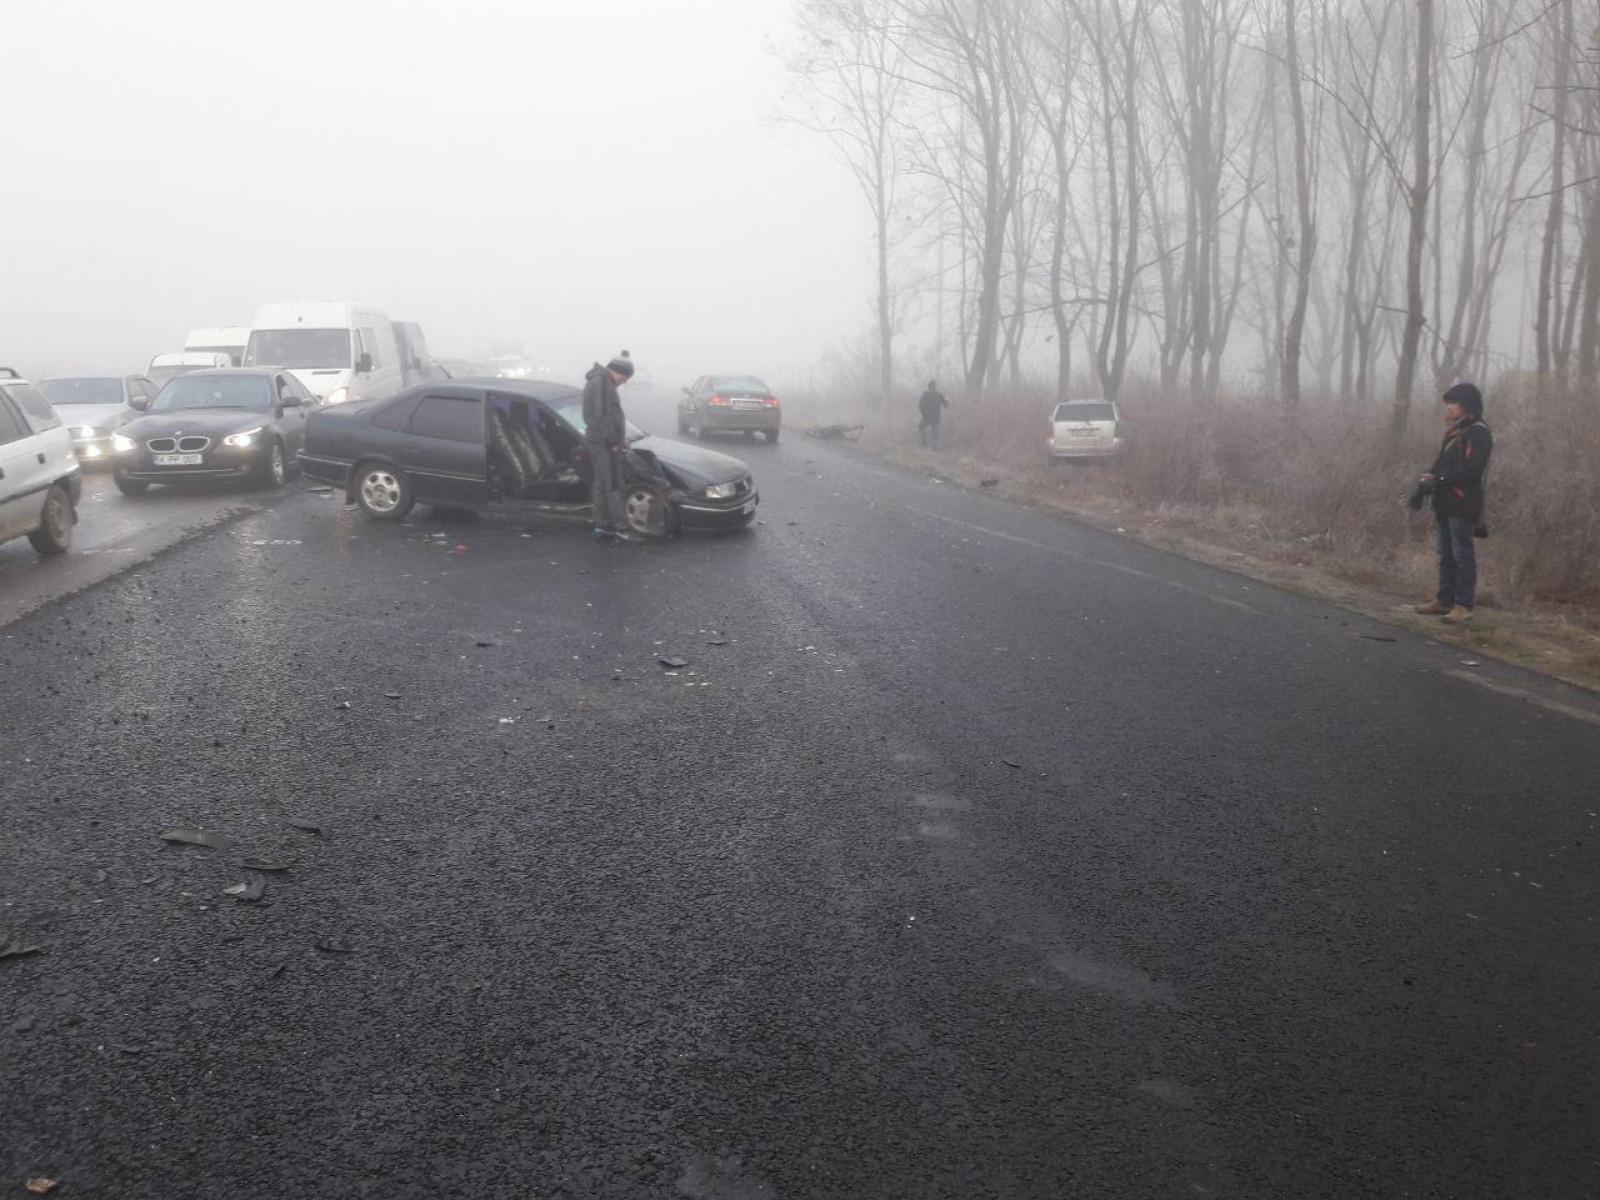 (foto/video) Accident în lanț la ieșirea din Vatra: Mai multe persoane, rănite după ce în jur de 10 mașini s-au tamponat între ele